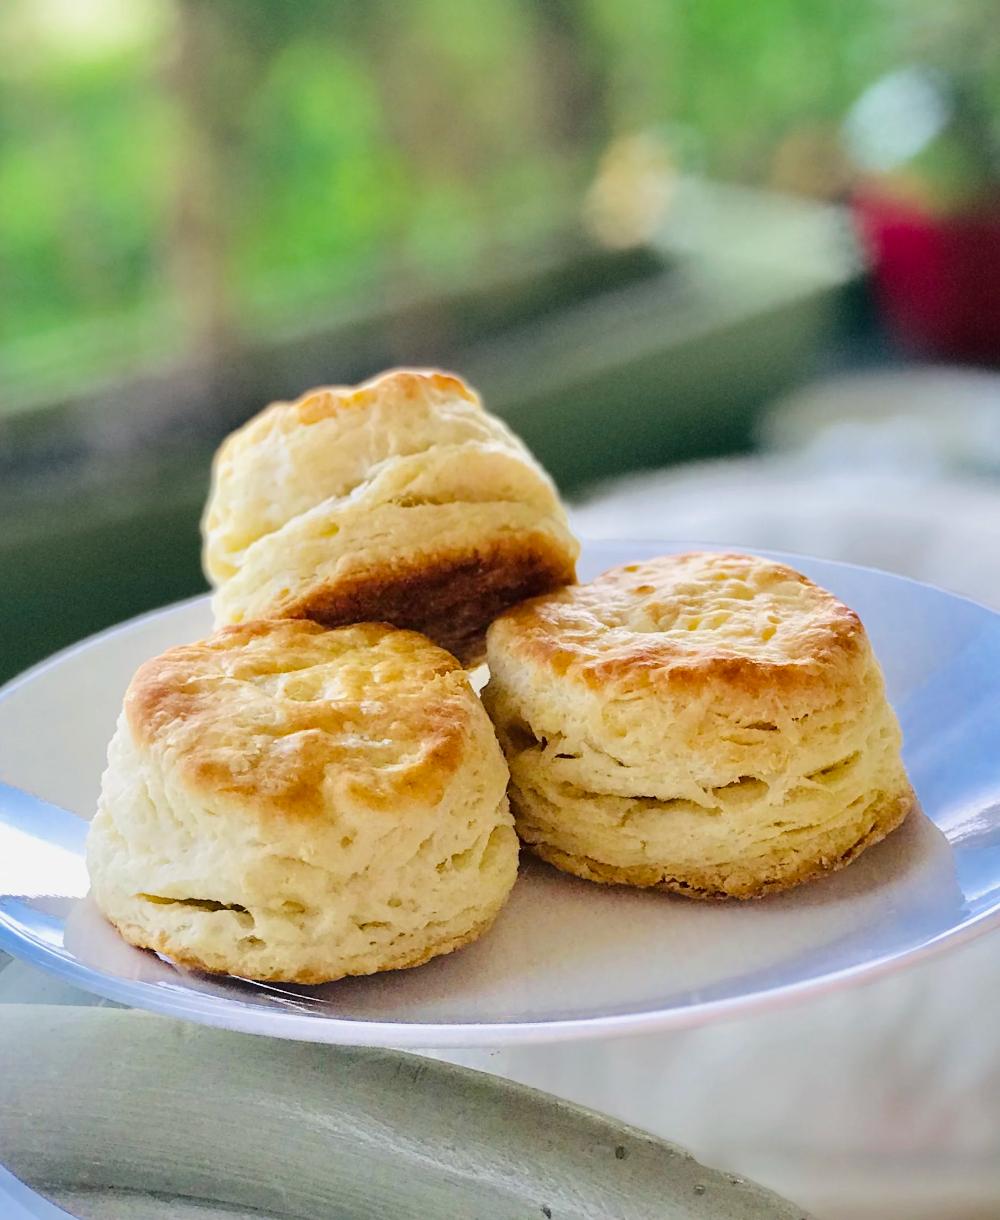 Chef John S Buttermilk Biscuits Recipe In 2020 Buttermilk Biscuits Biscuit Recipe Recipes